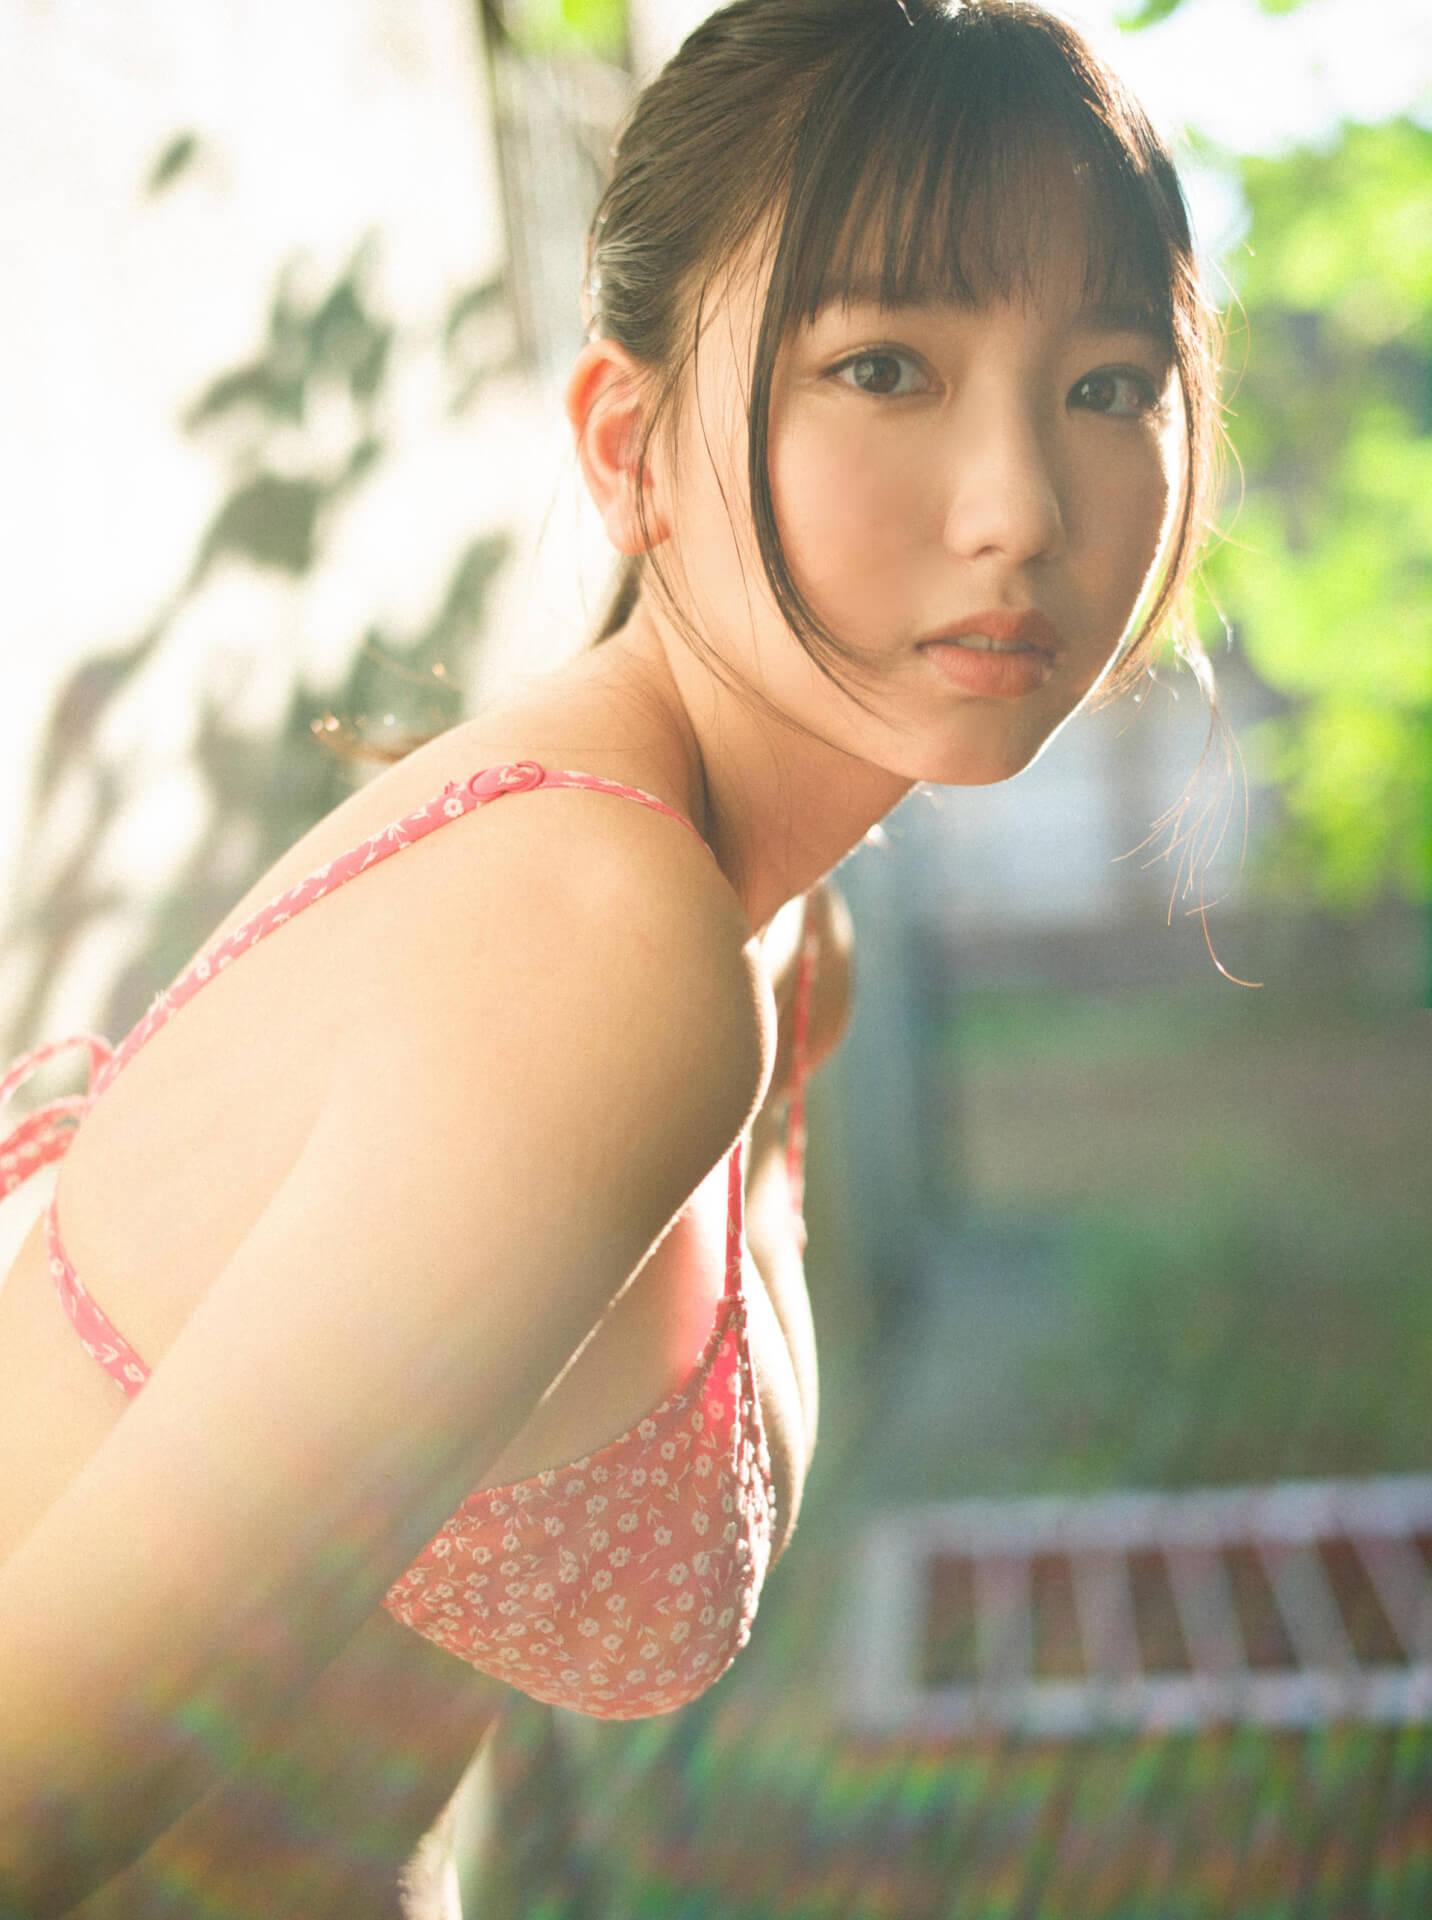 沢口愛華のセクシー美ボディ&キュートな笑顔が炸裂!映像&スチールを収録した『1st DVD&PHOTOBOOK』が発売決定 art210817_sawaguchiaika_7